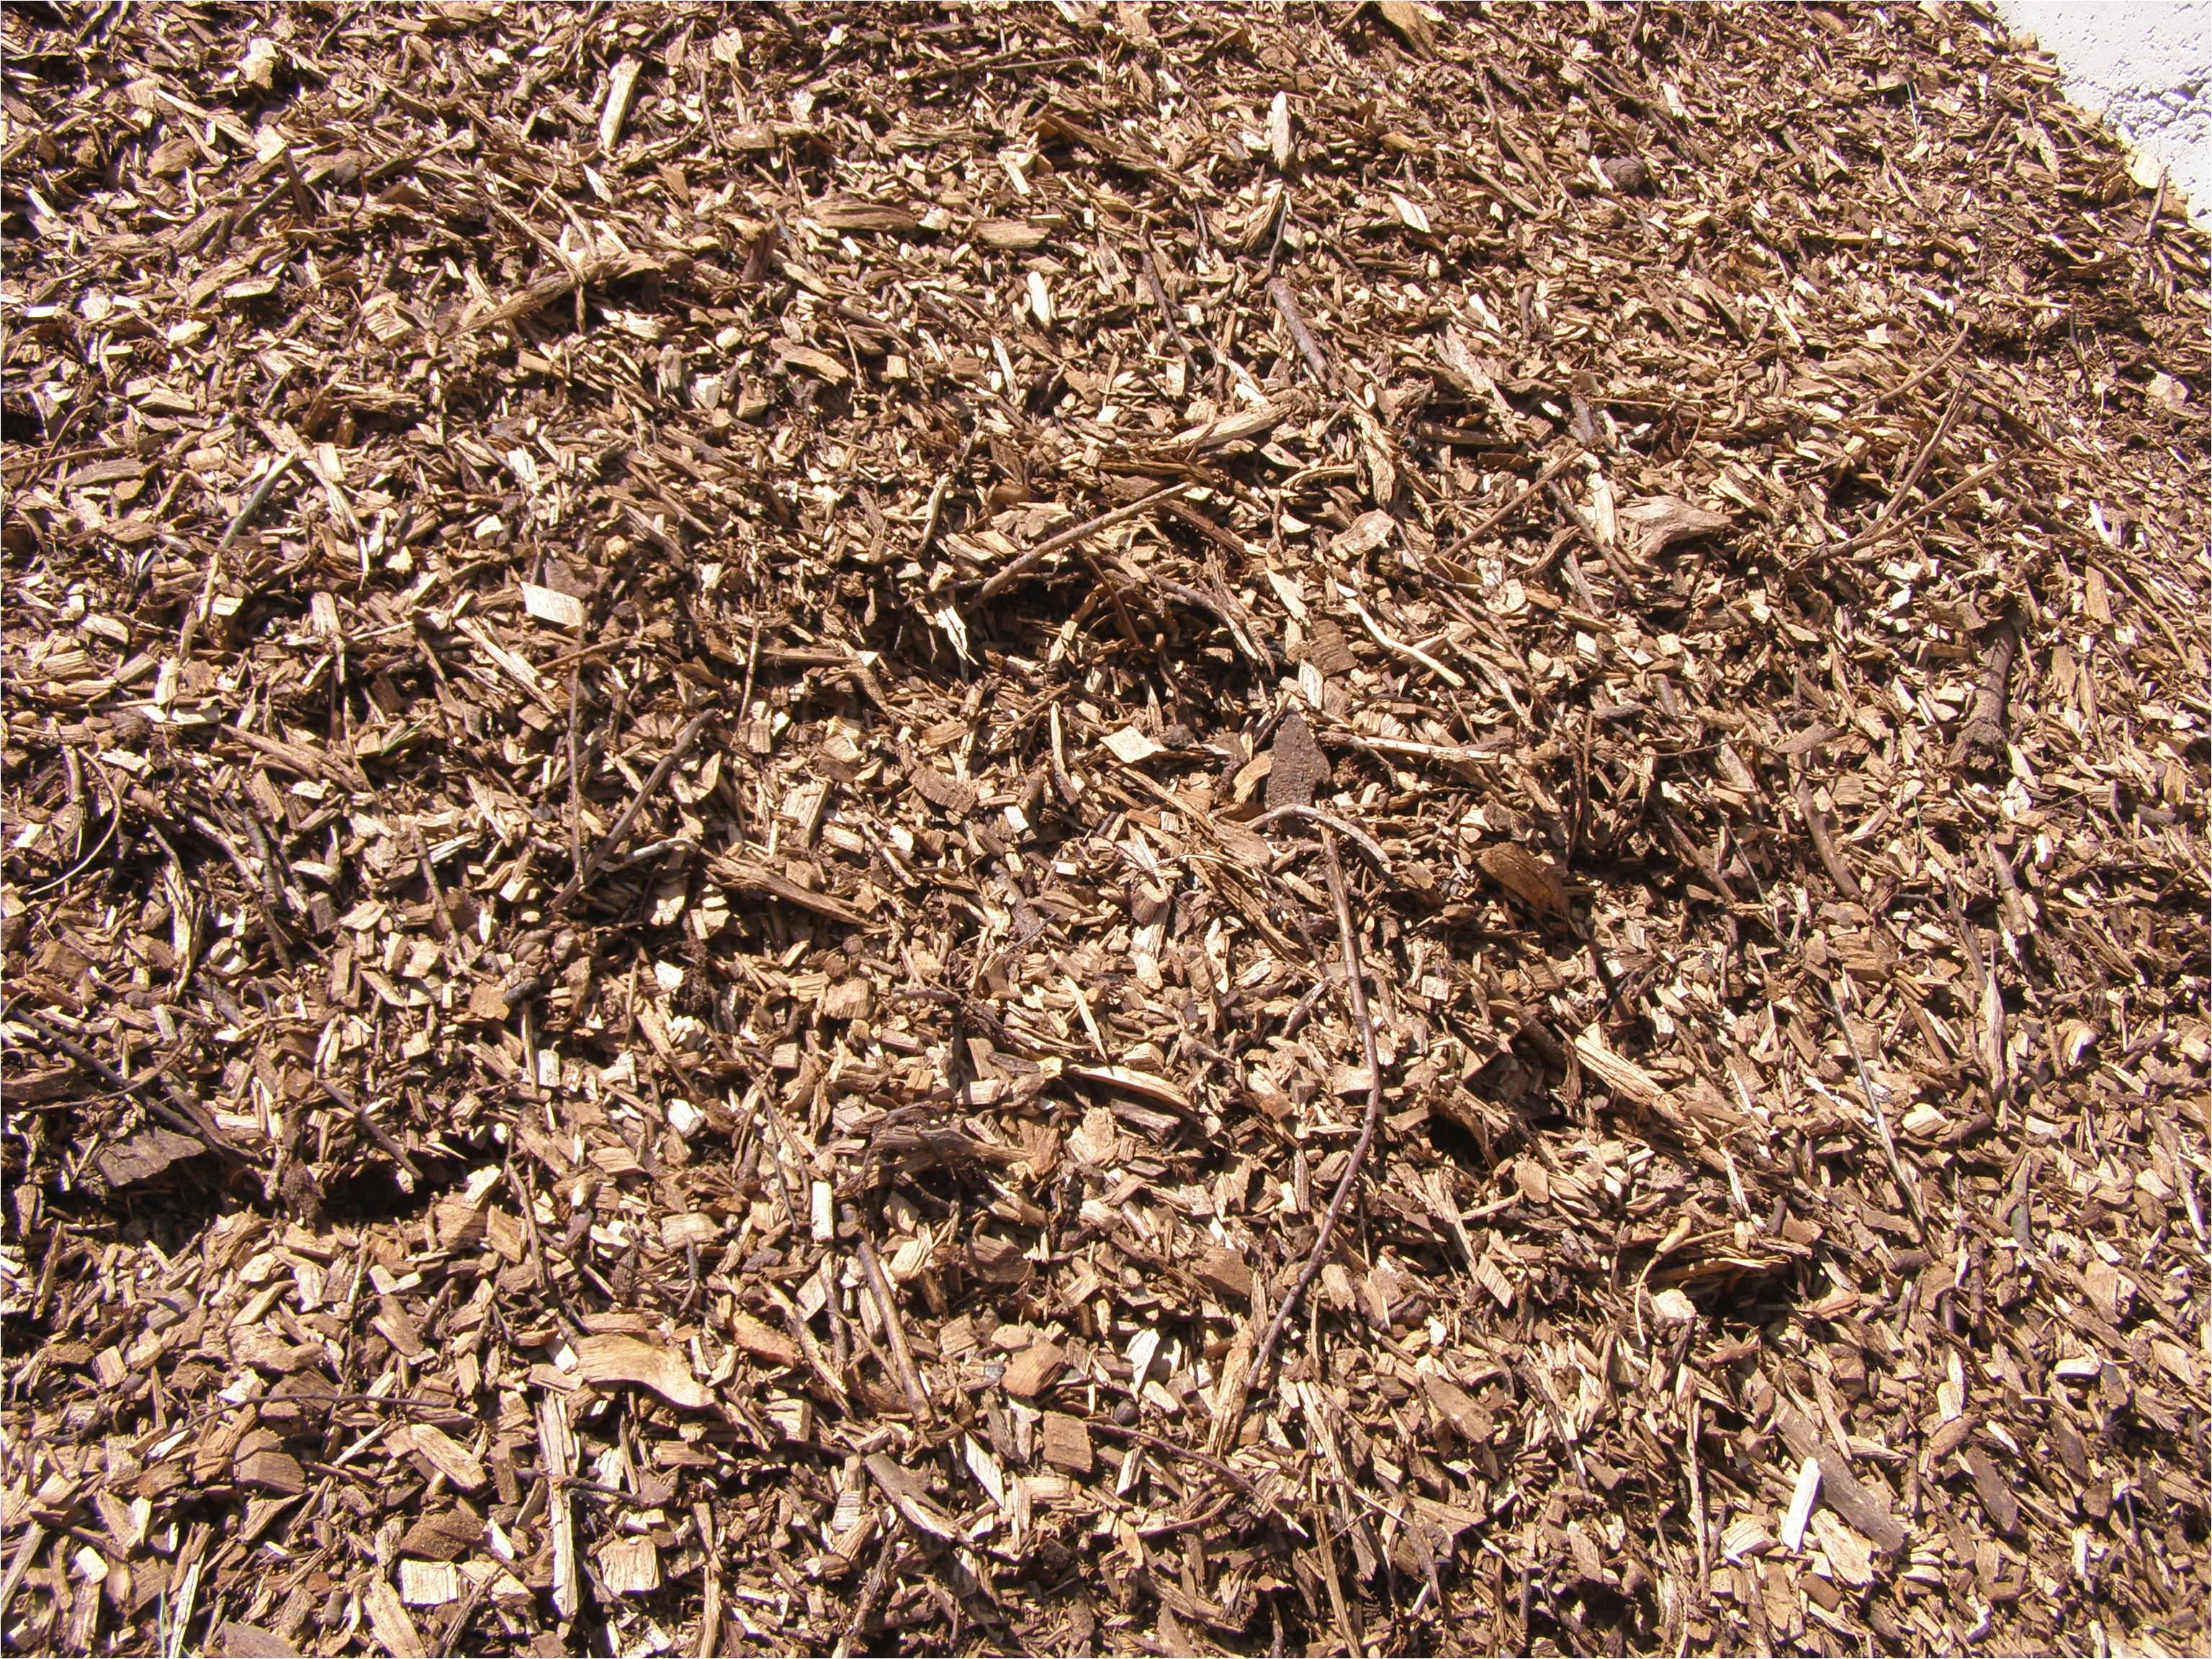 Forest Floor Mulch Nz Arborist Chip Wairarapa Landscaping Garden Supplies